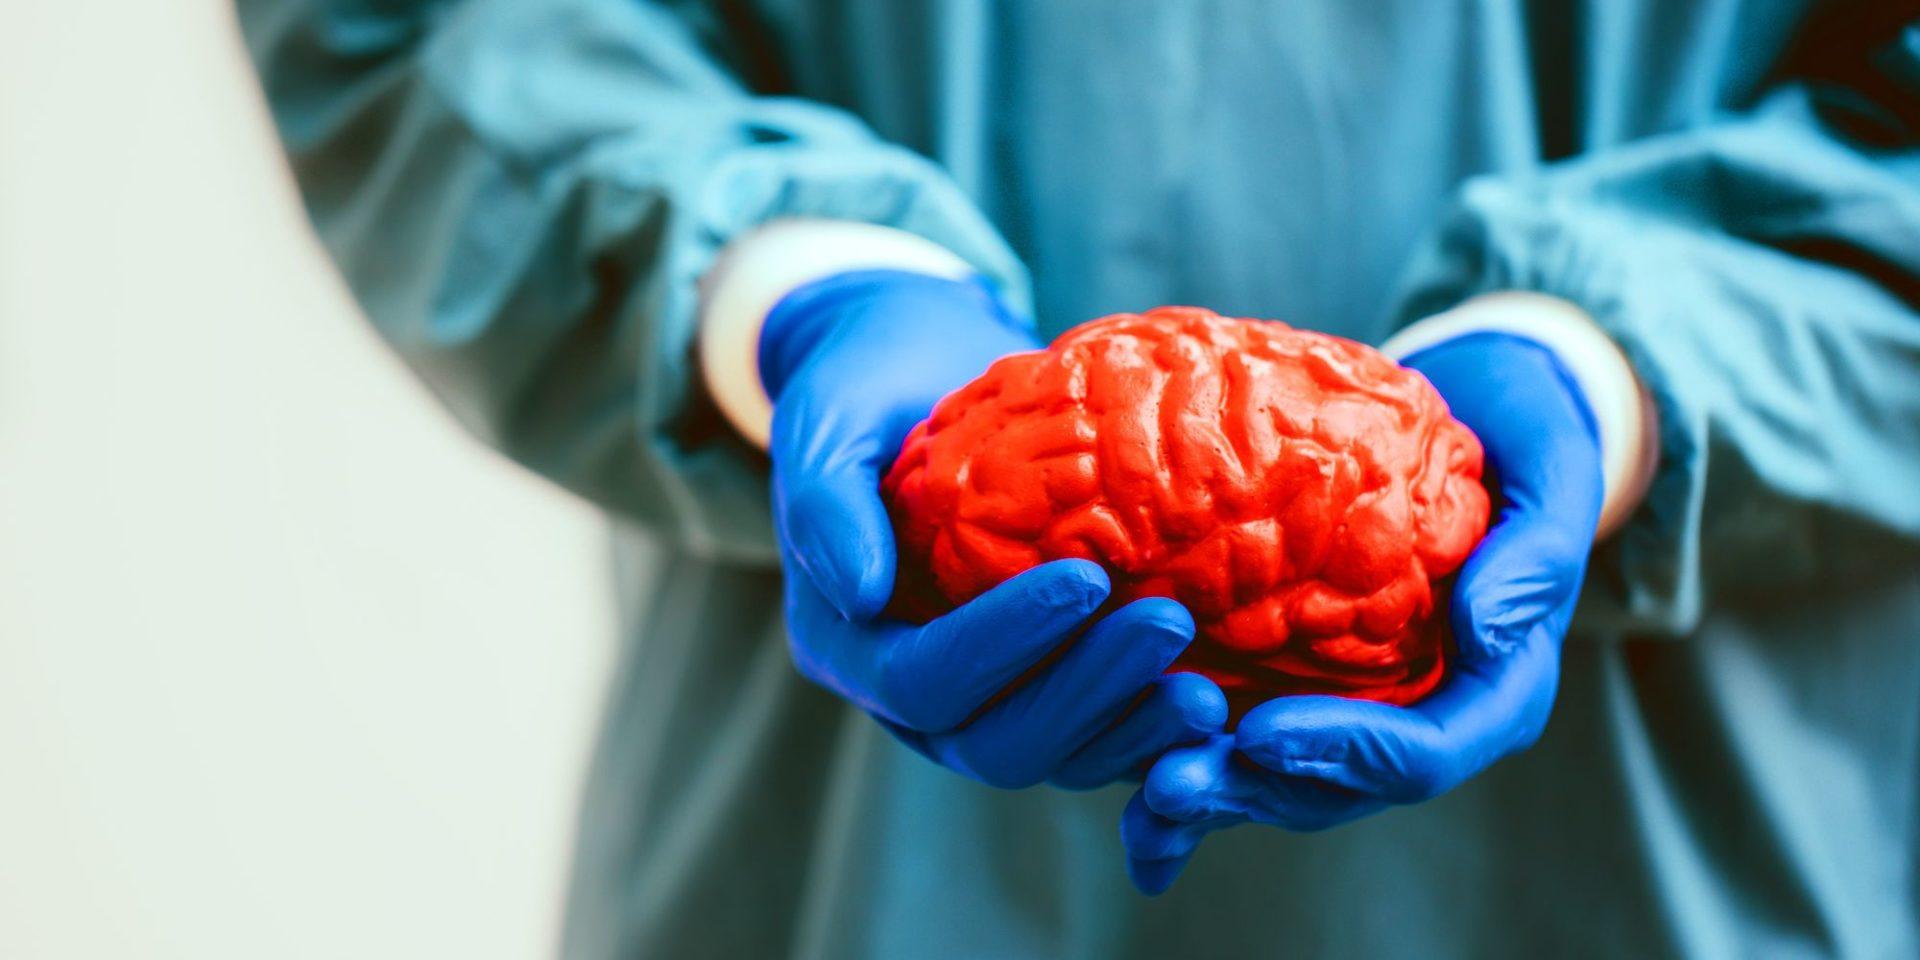 Šlog je infarkt moždanog tkiva, uzrokovan zapušavanjem krvnog suda mozga (ishemijski šlog). Šlog je među vodećim uzrocima umiranja i invalidnosti.